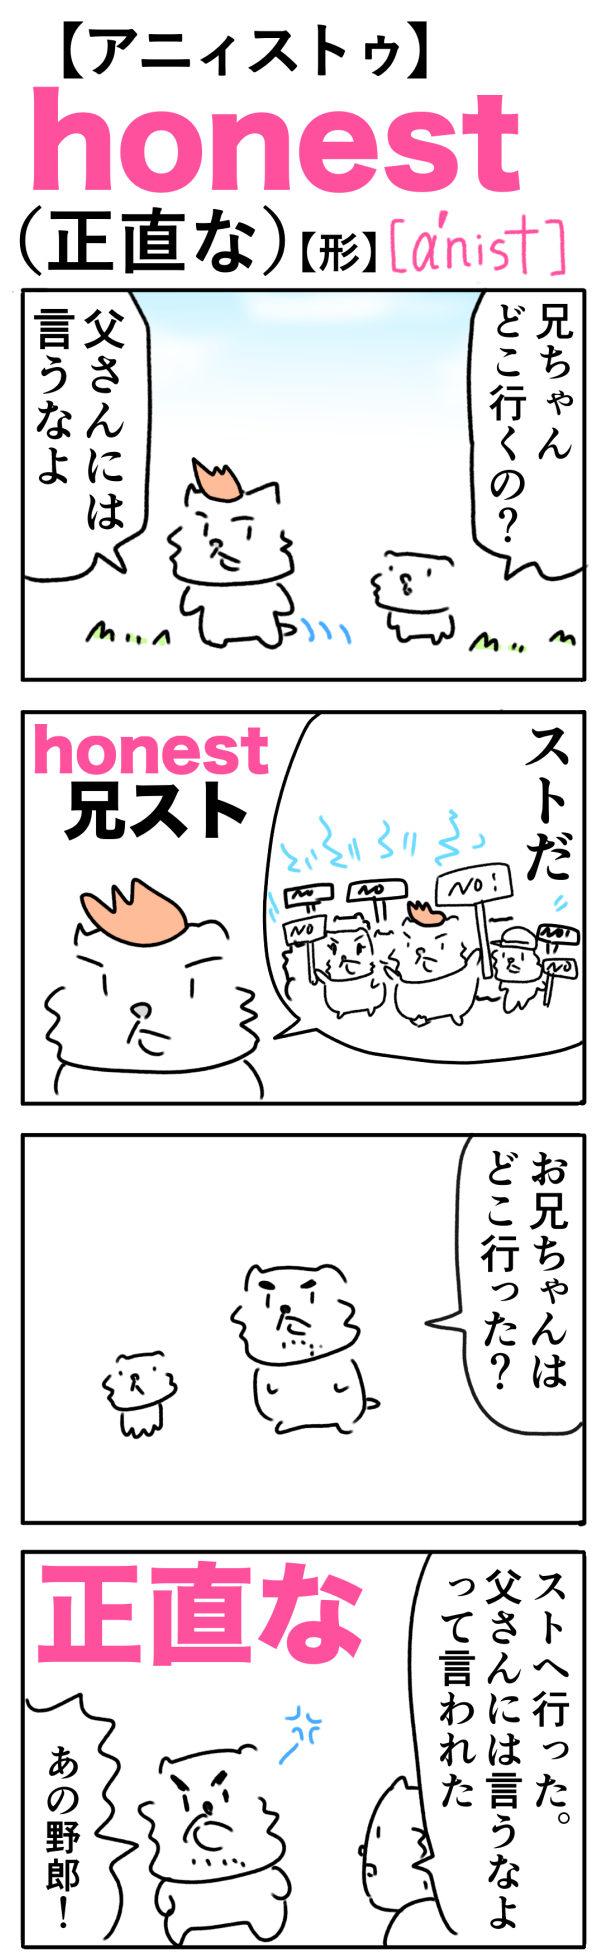 honest(正直な)の語呂合わせ英単語